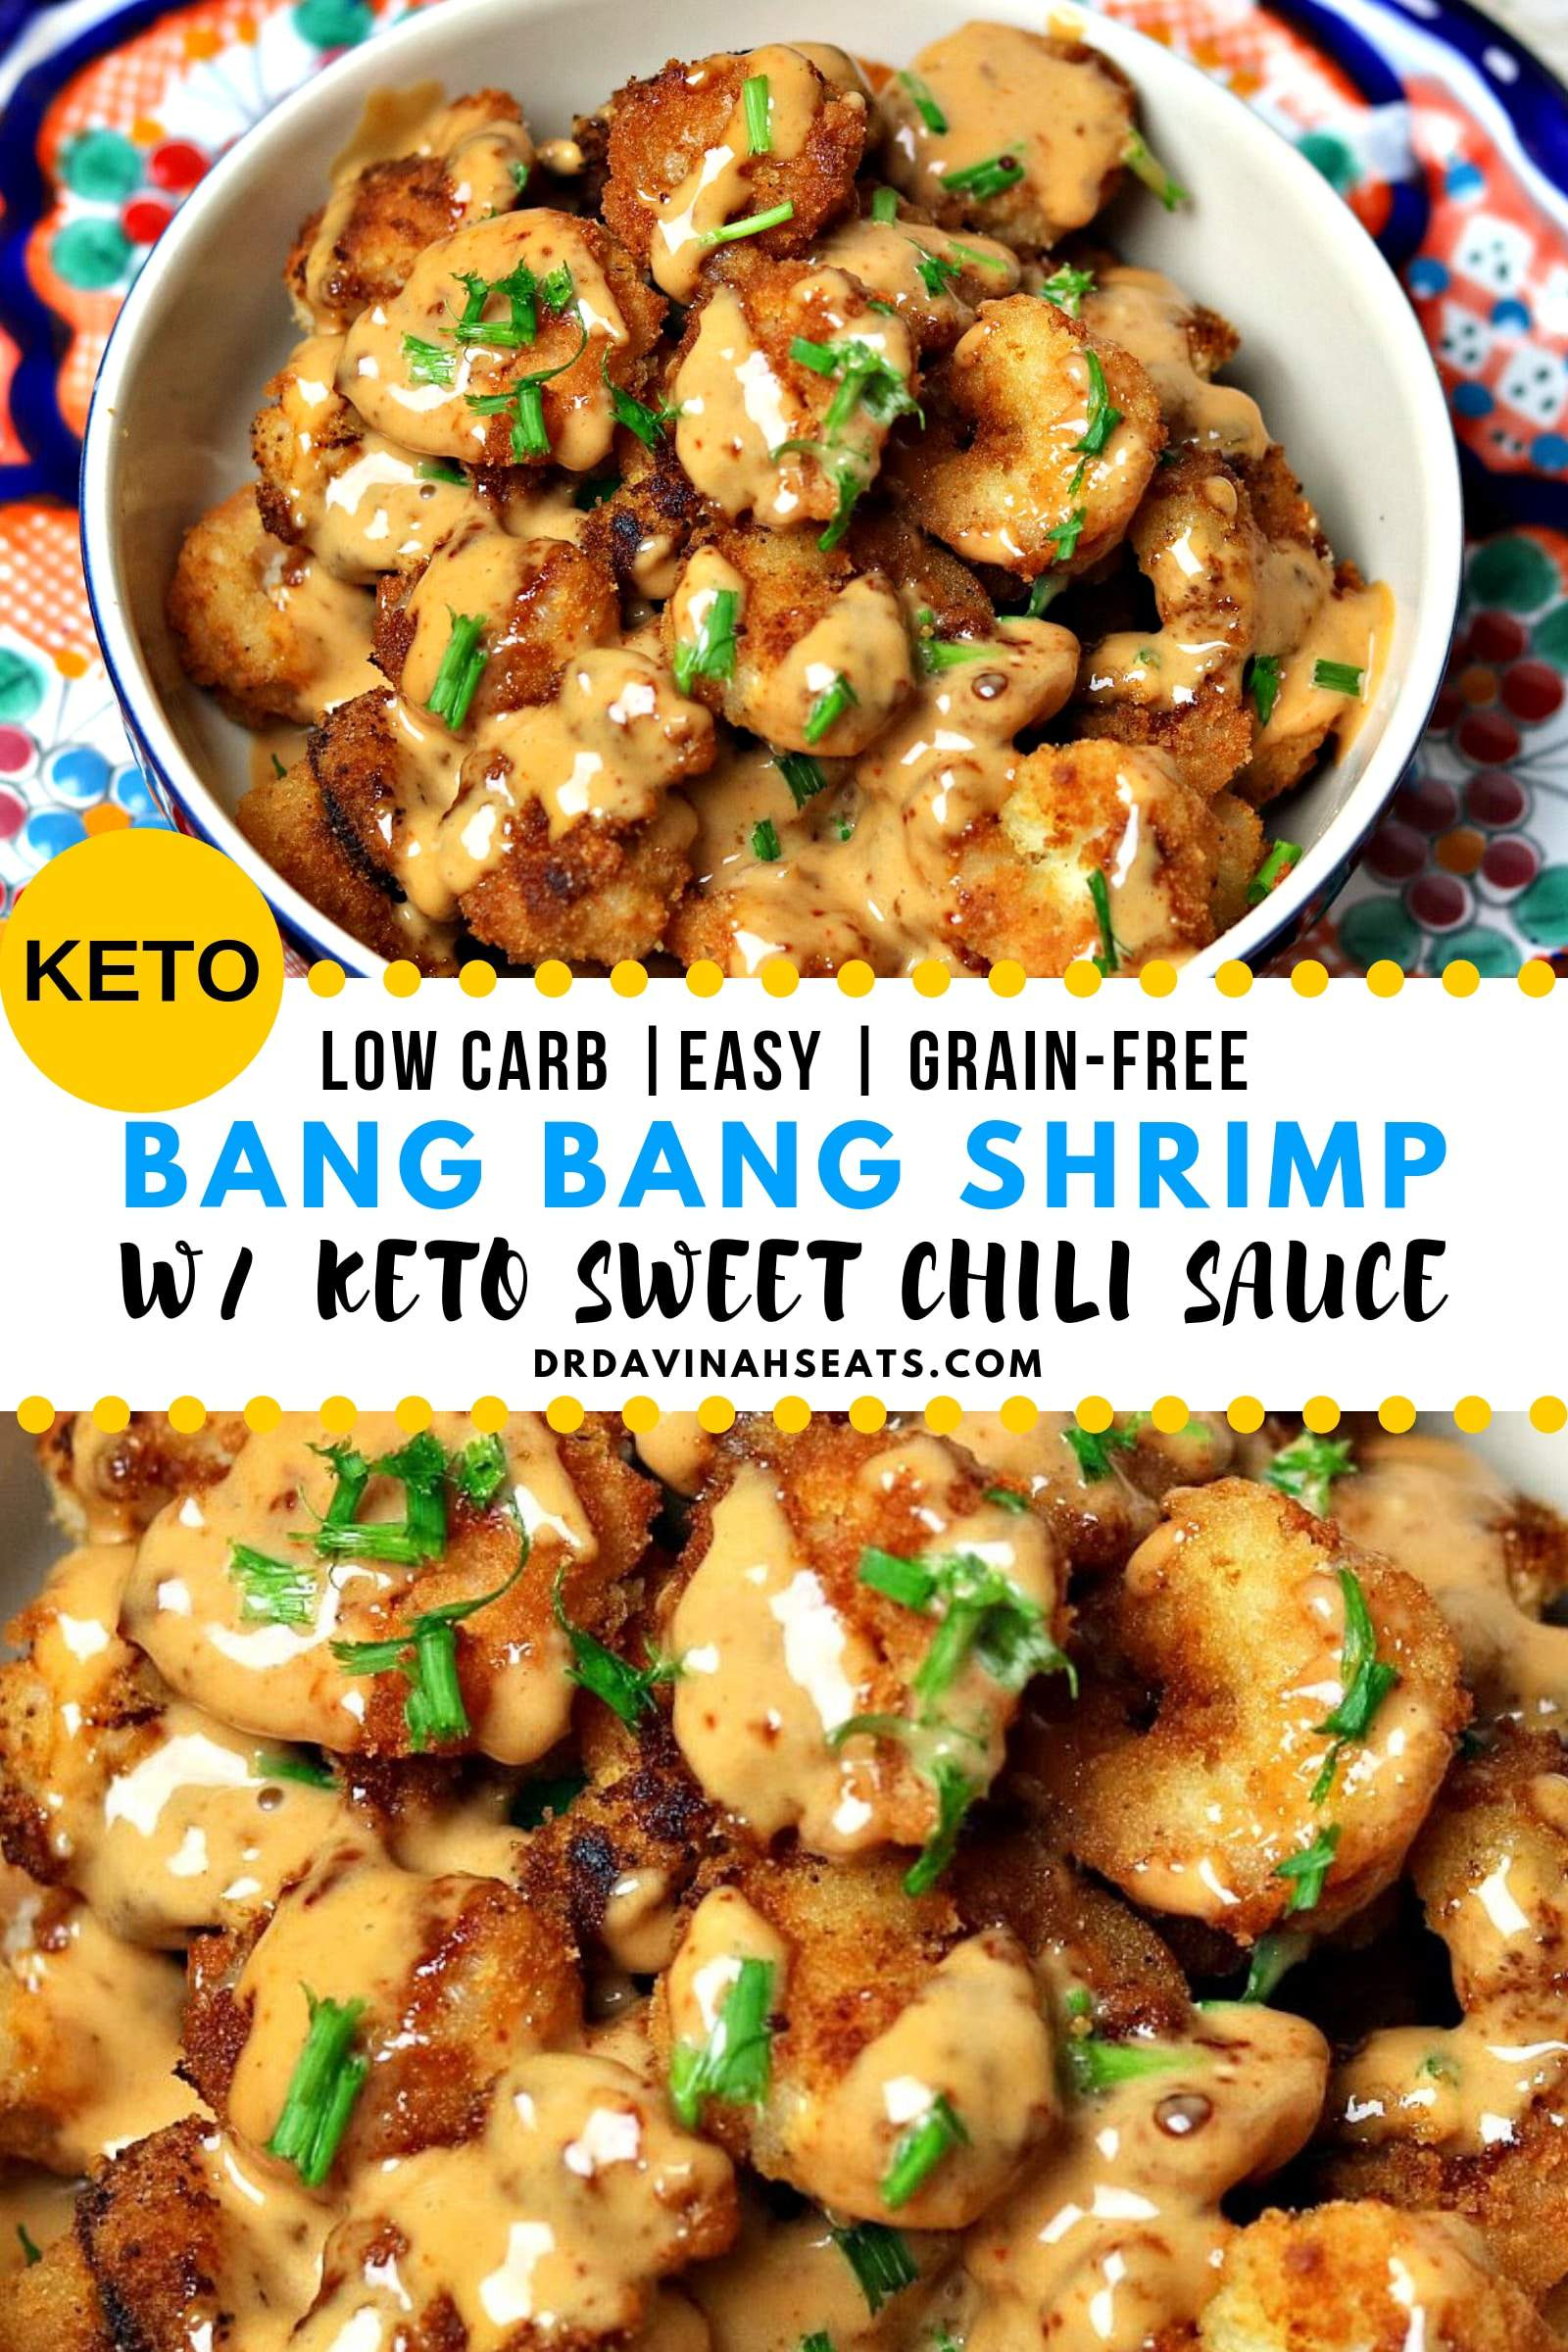 Pinterest image for keto bang bang shrimp